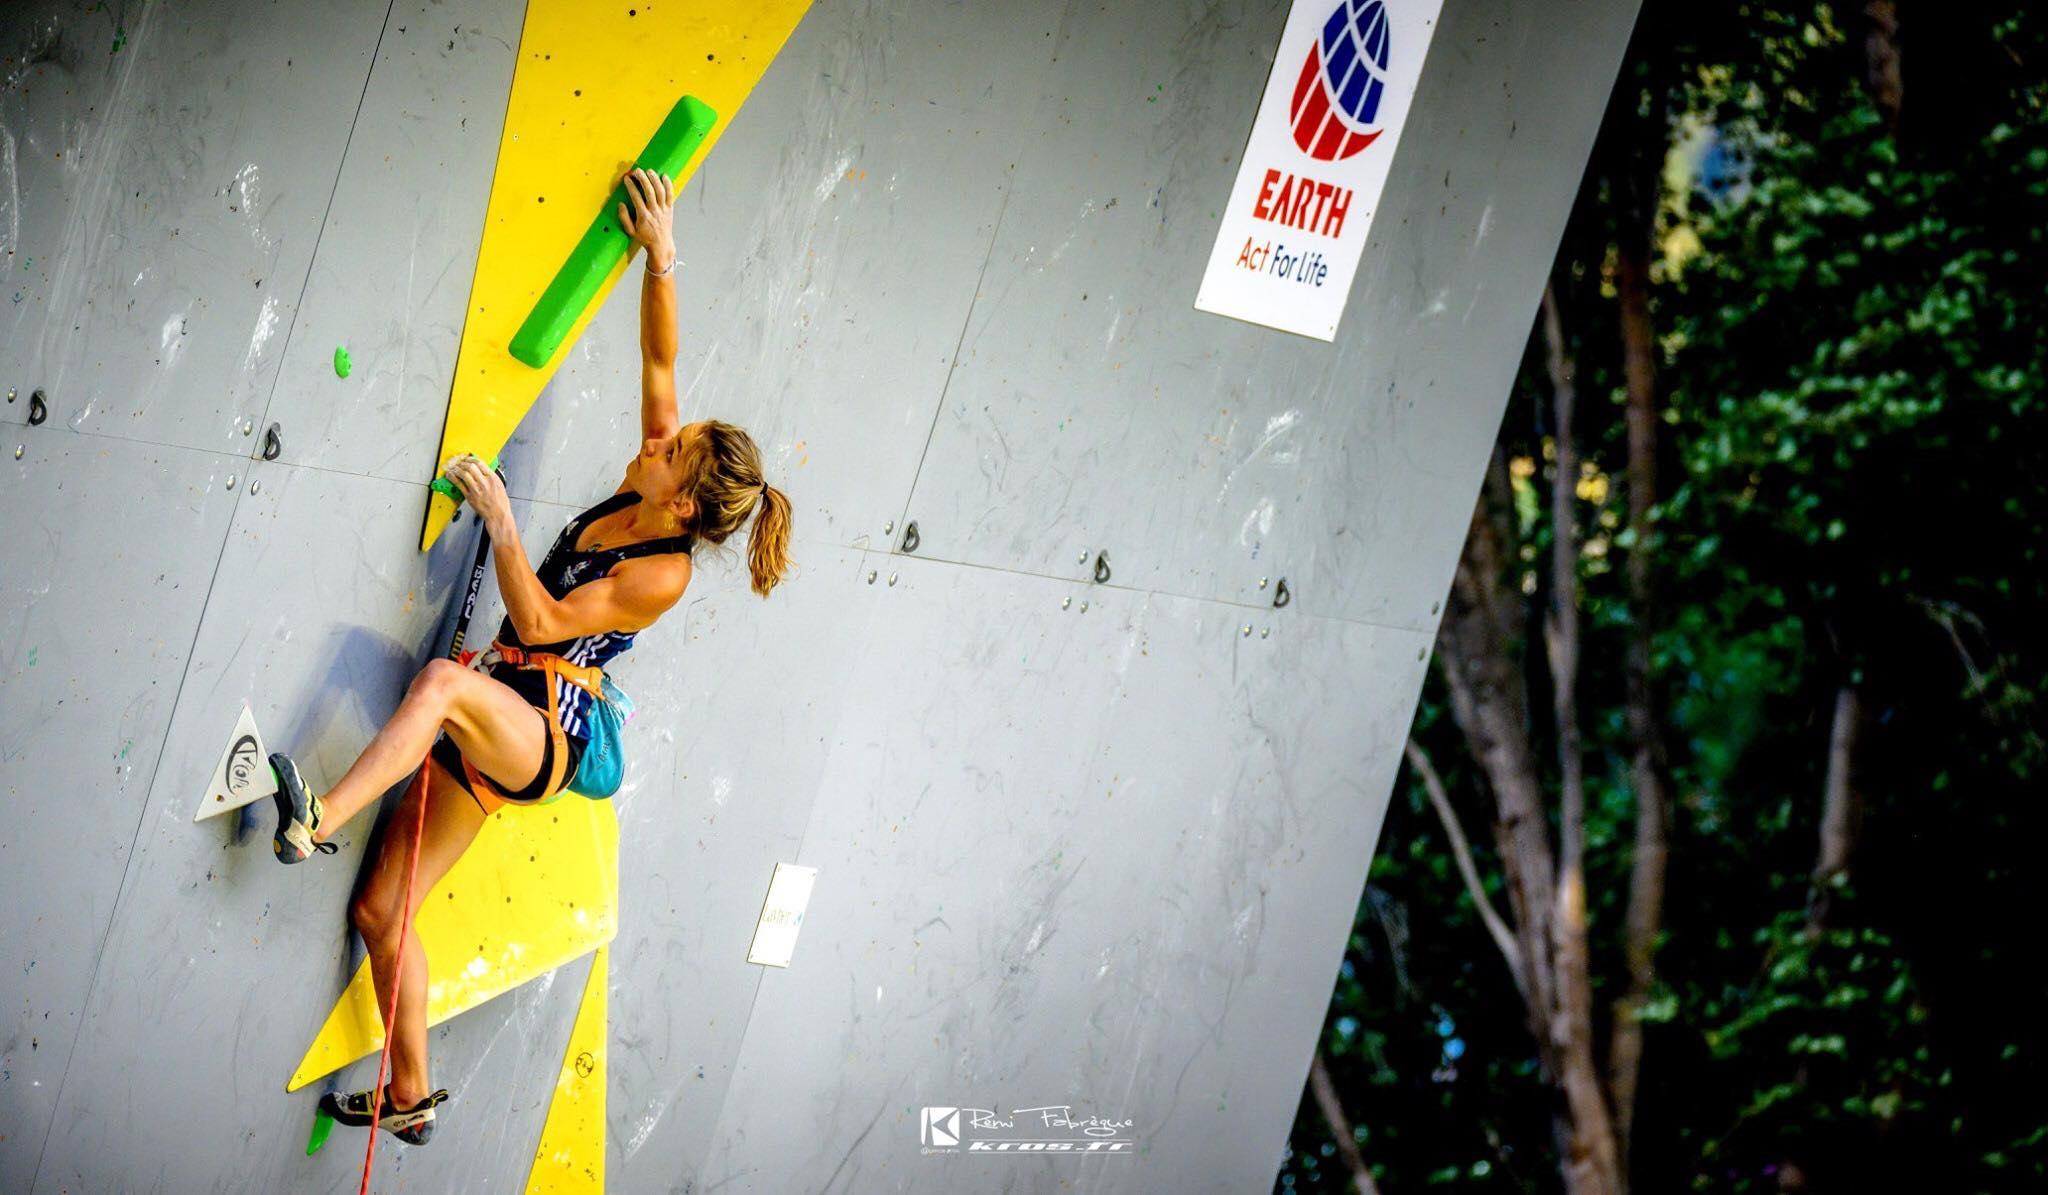 Nolwenn ARC- escalade de difficulté - vertical'art- championnat d'europe d'escalade de difficulté et de vitesse 2019 de VORONEZH (russie) - earth